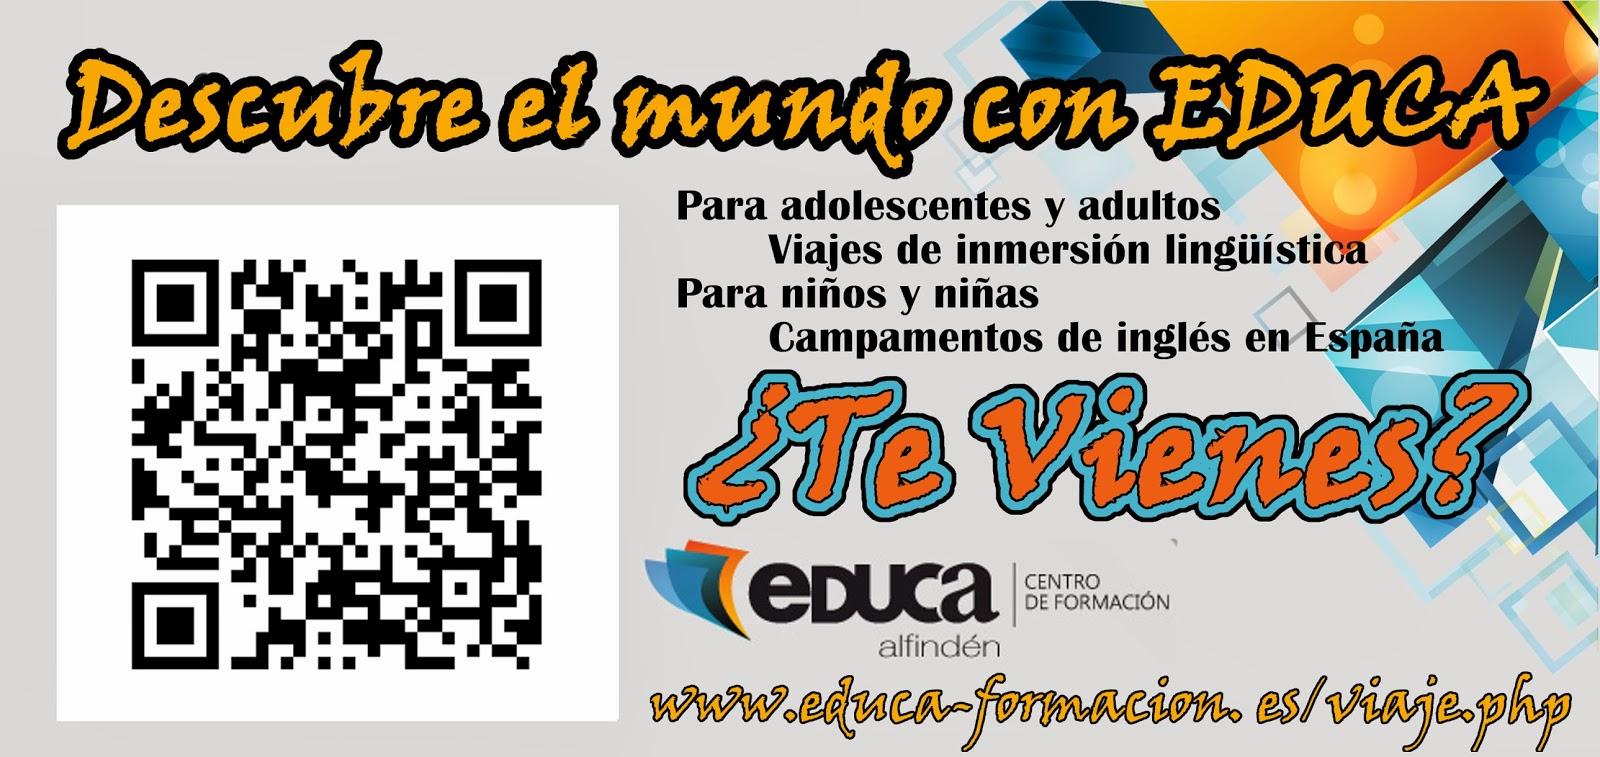 http://www.educa-formacion.es/viaje.php?localizador=blog